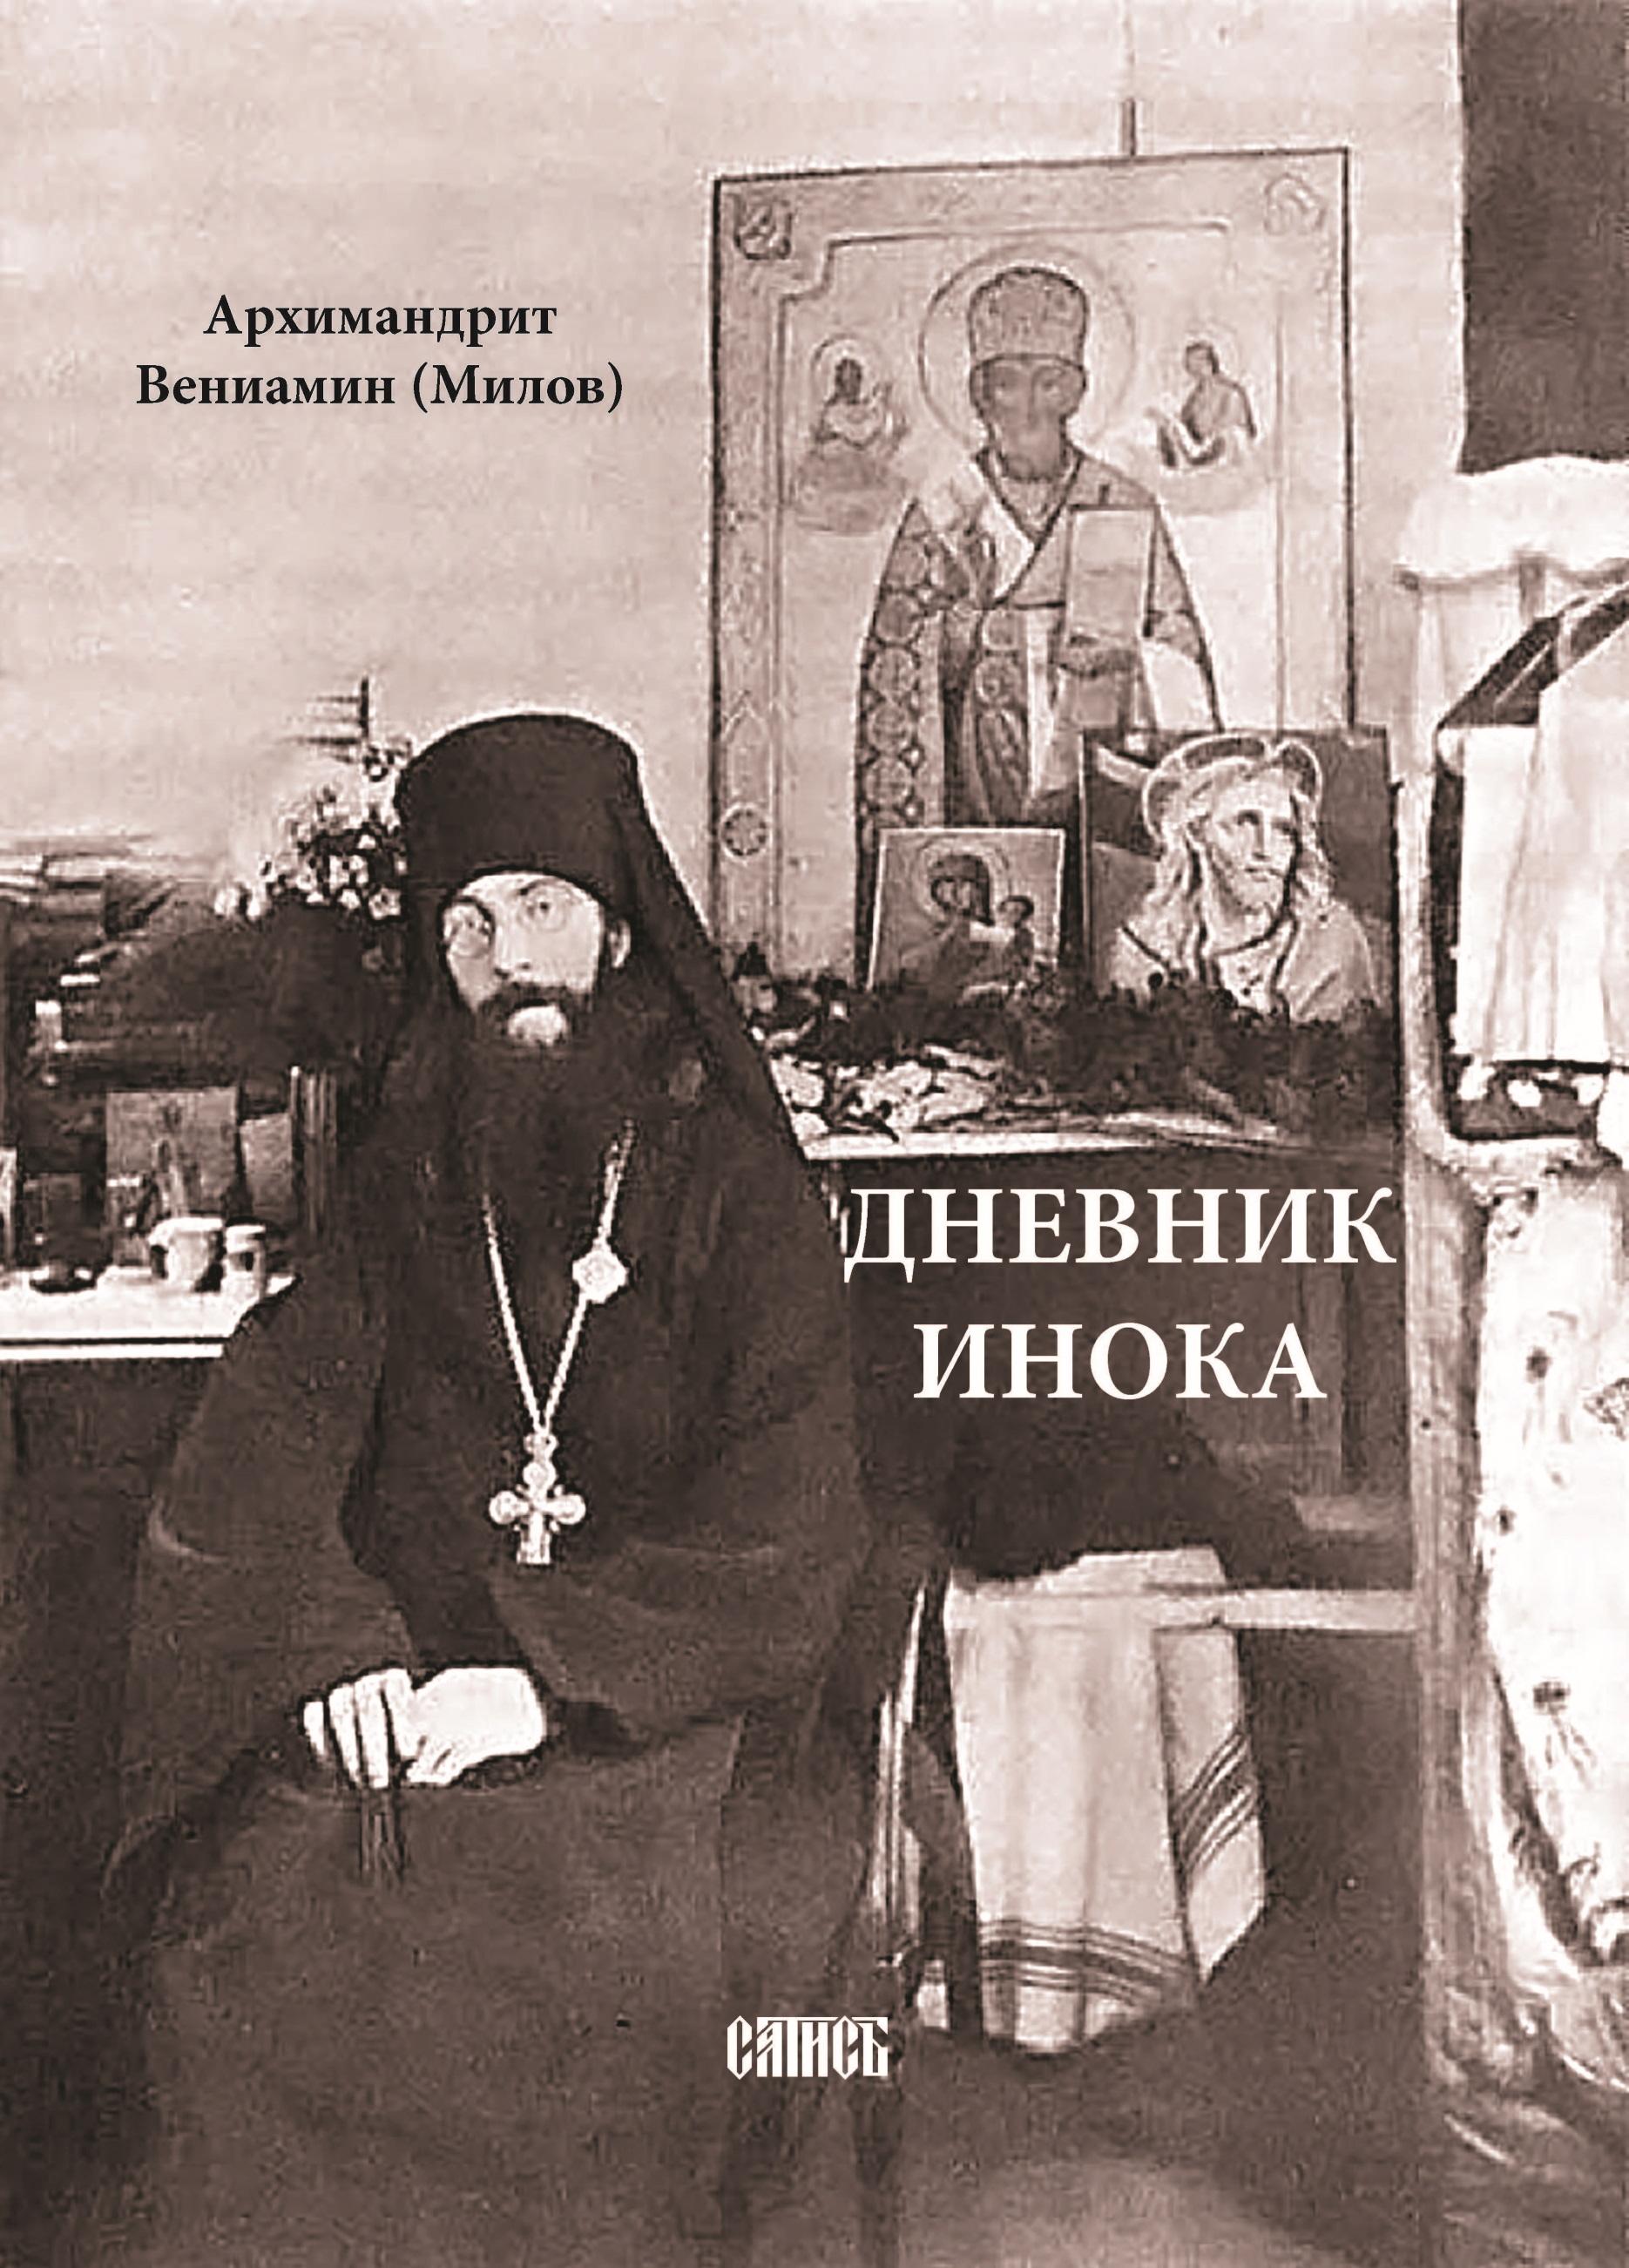 Архимандрит Вениамин (Милов) Дневник инока епископ вениамин милов чтения по литургическому богословию